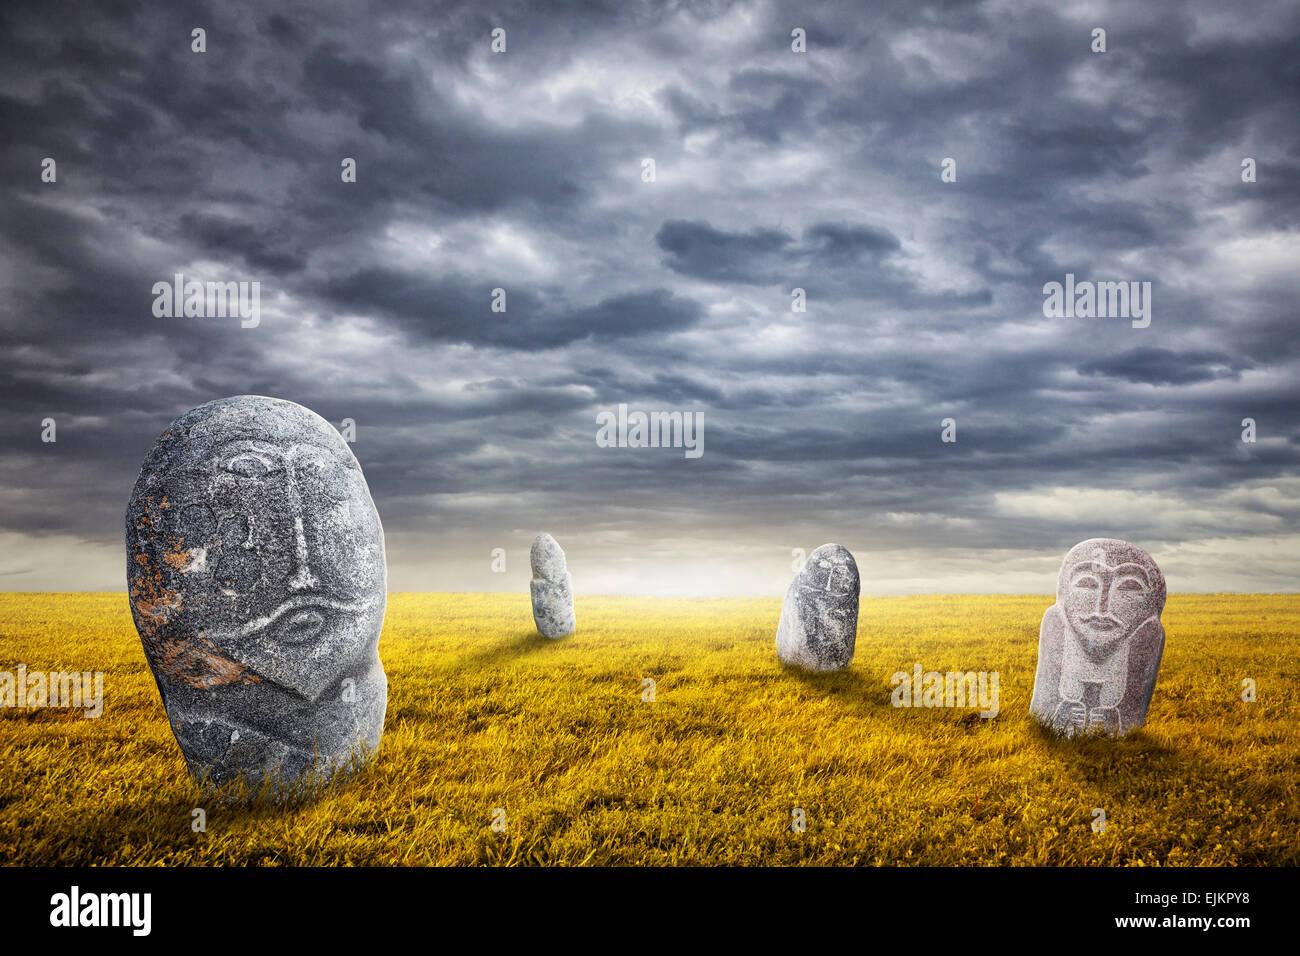 Antiguas estatuas balbal en el campo a cielo nublado en Asia central Imagen De Stock